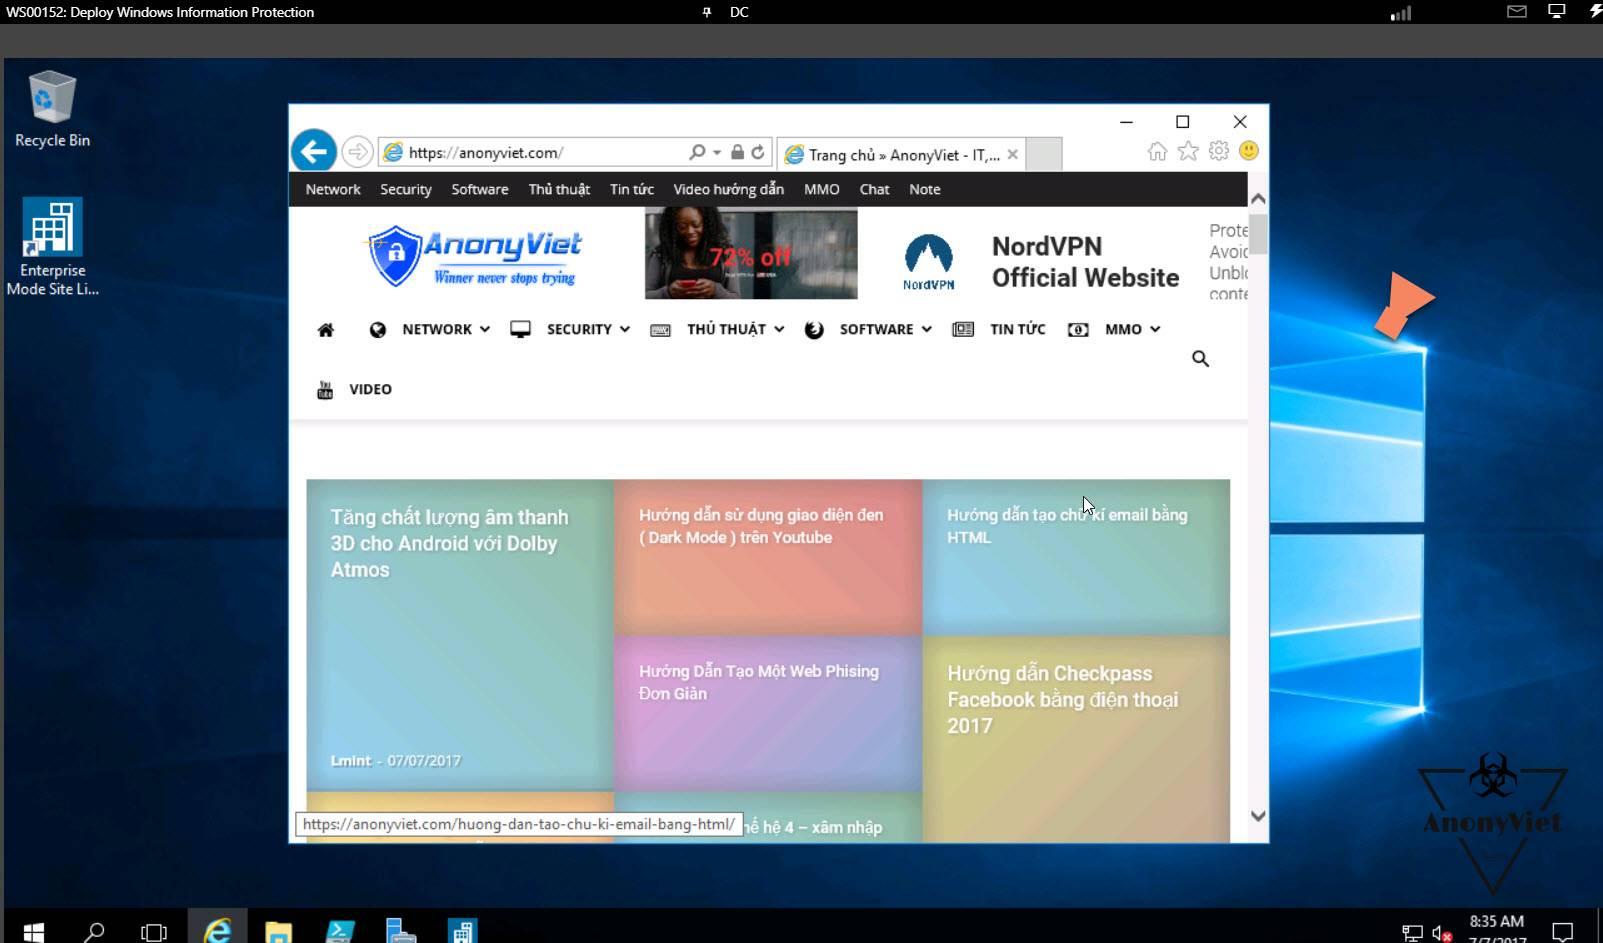 Hướng dẫn đăng ký VPS Microsoft cách mới 47